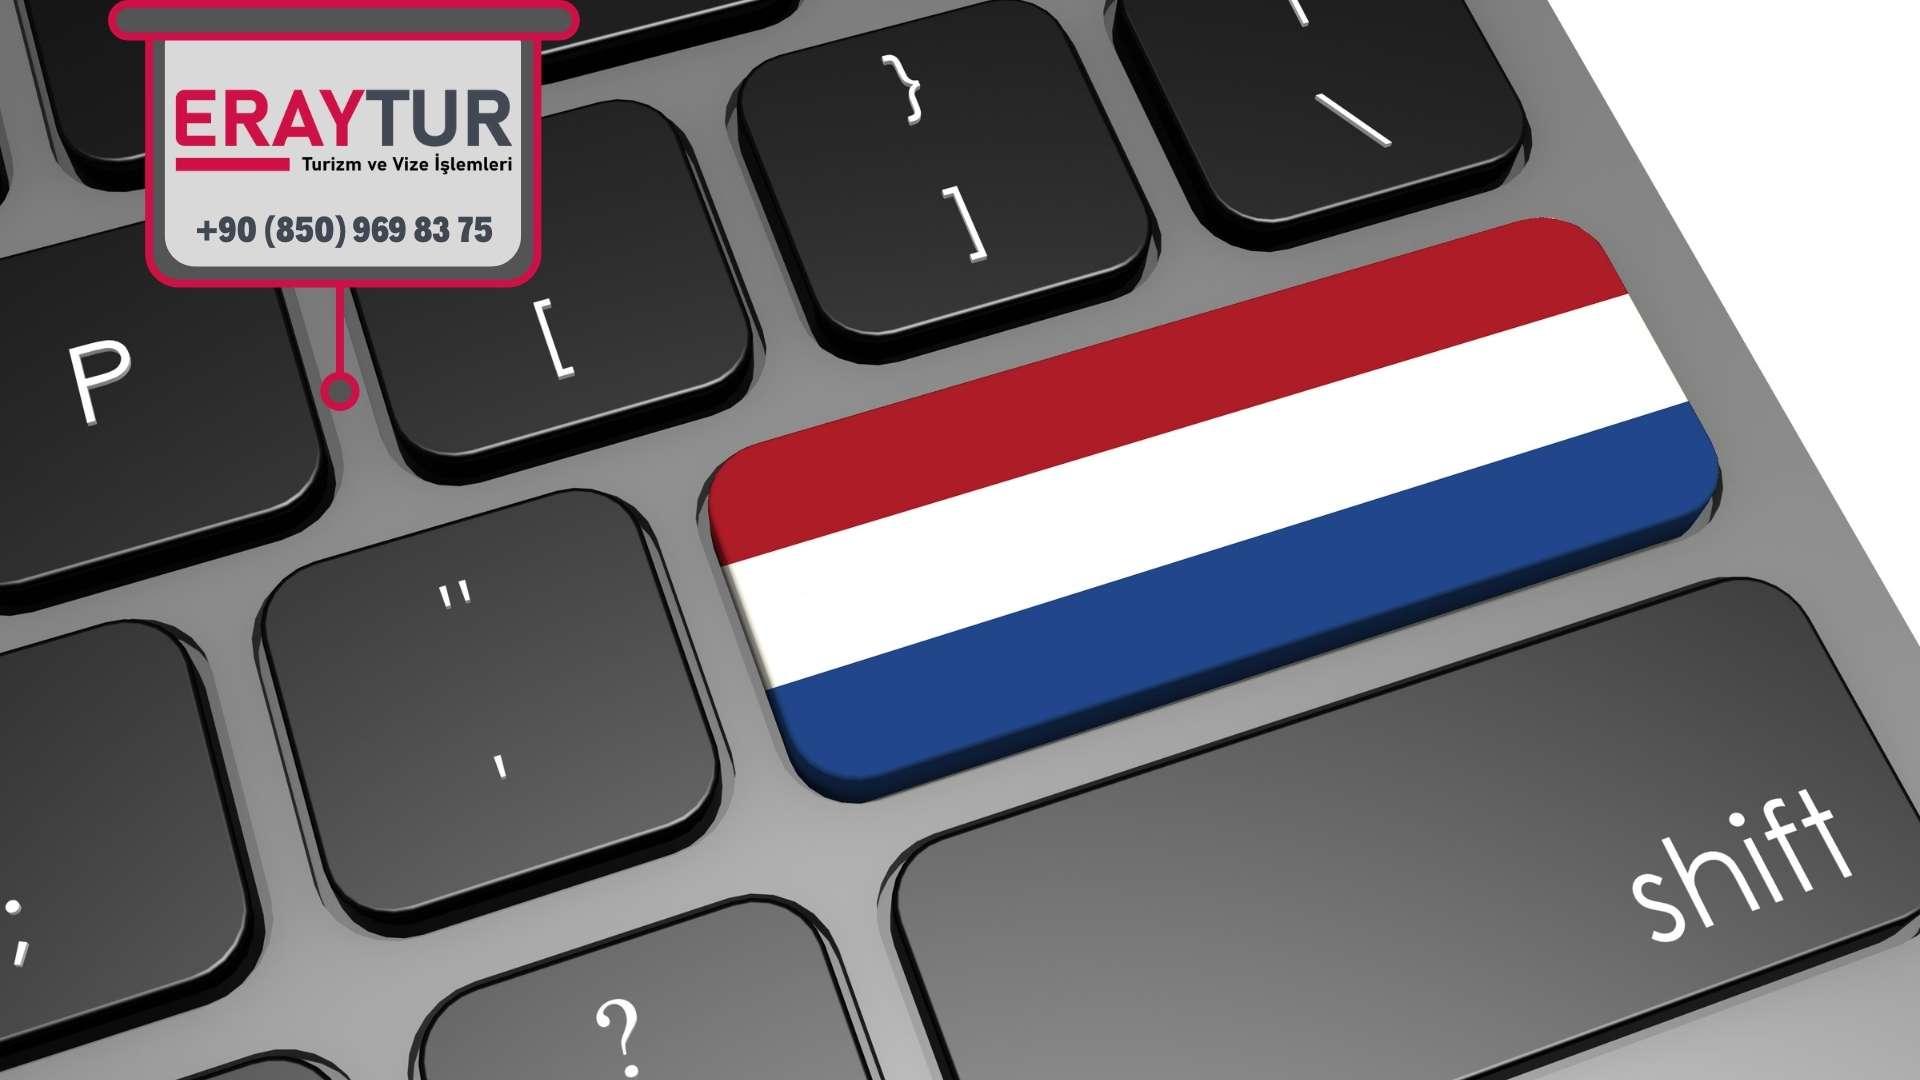 Hollanda Ticari Vize Dilekçe Örneği